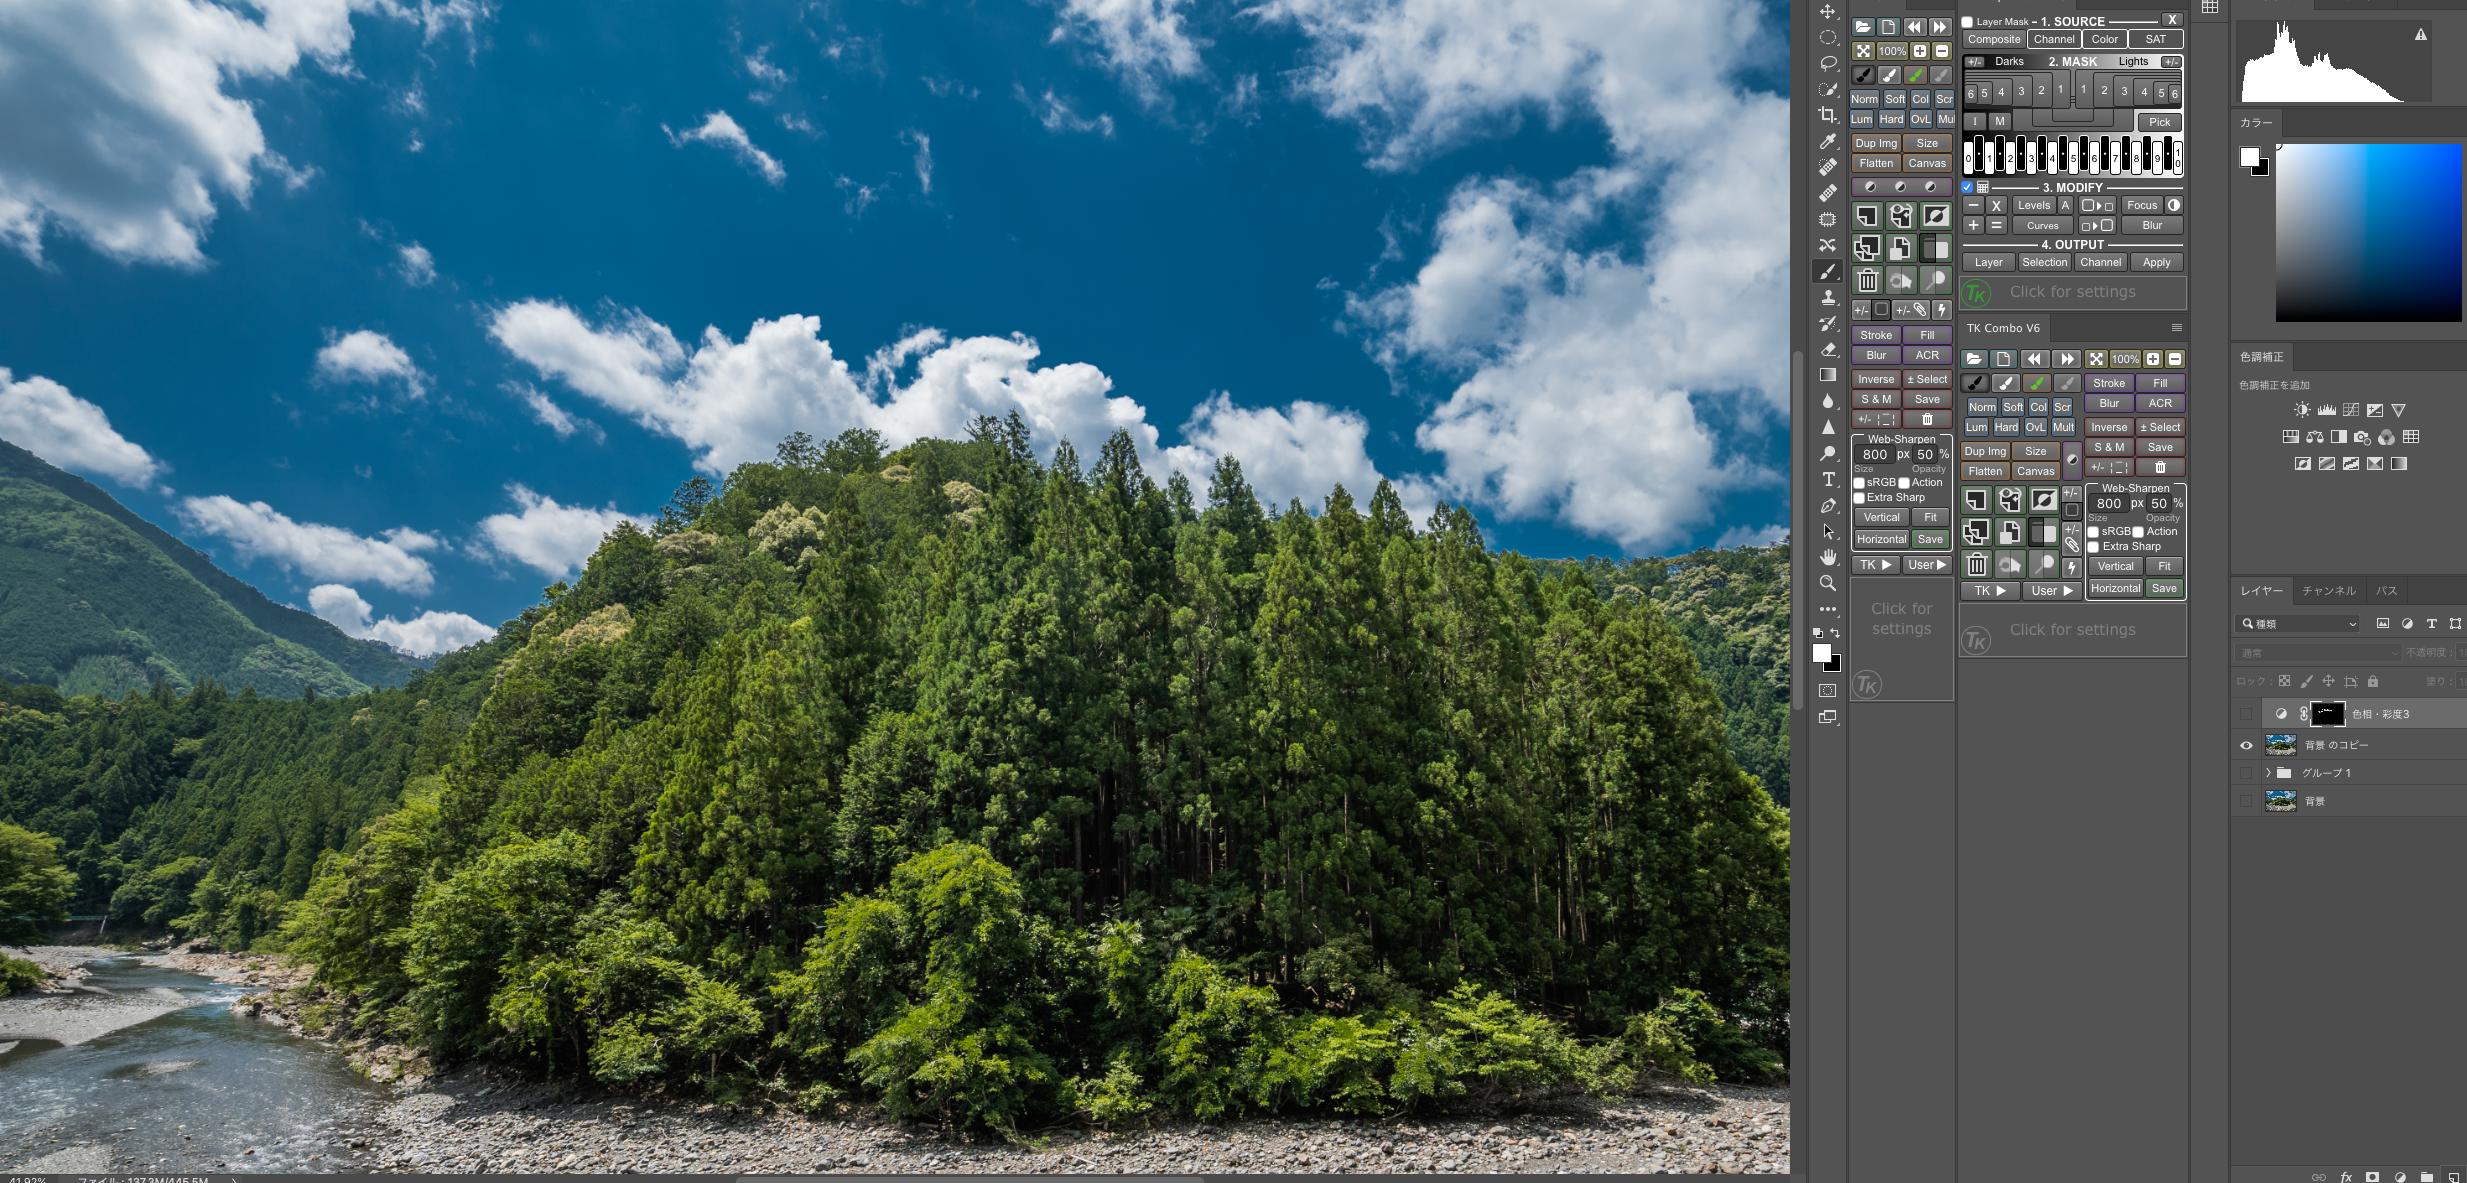 f4e6b6c8bb2c662c2b52d24f68e0894a Photoshopを使用して雲や滝を見栄え良く表現するテクニックを解説!!